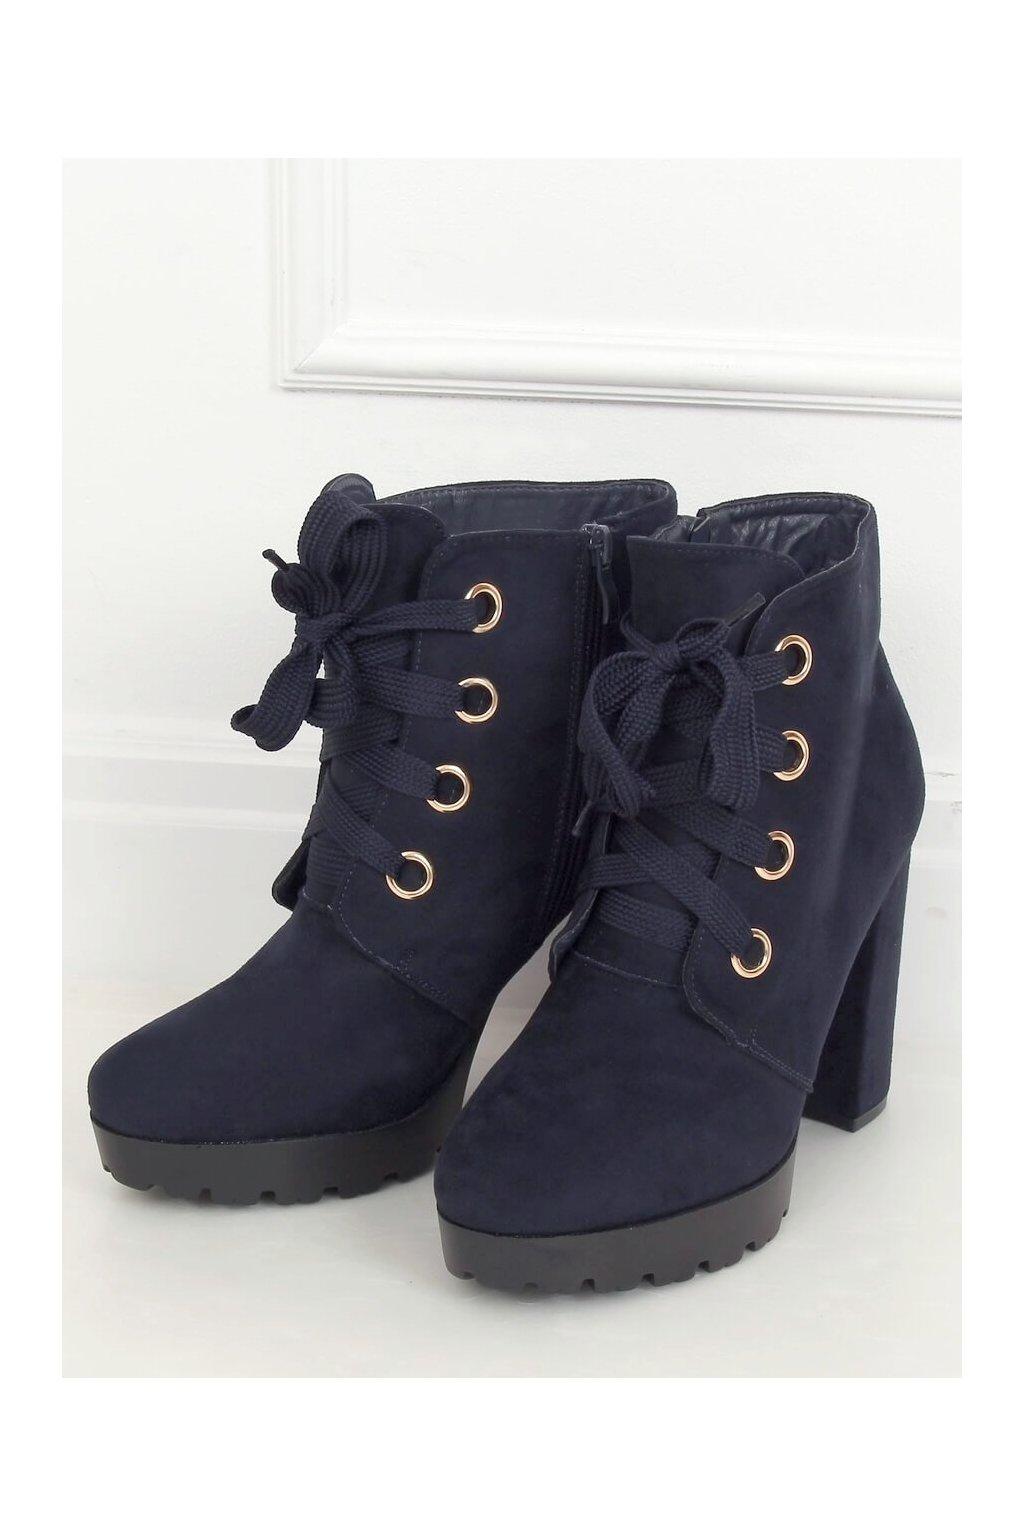 Modré členkové topánky NJSK L8126